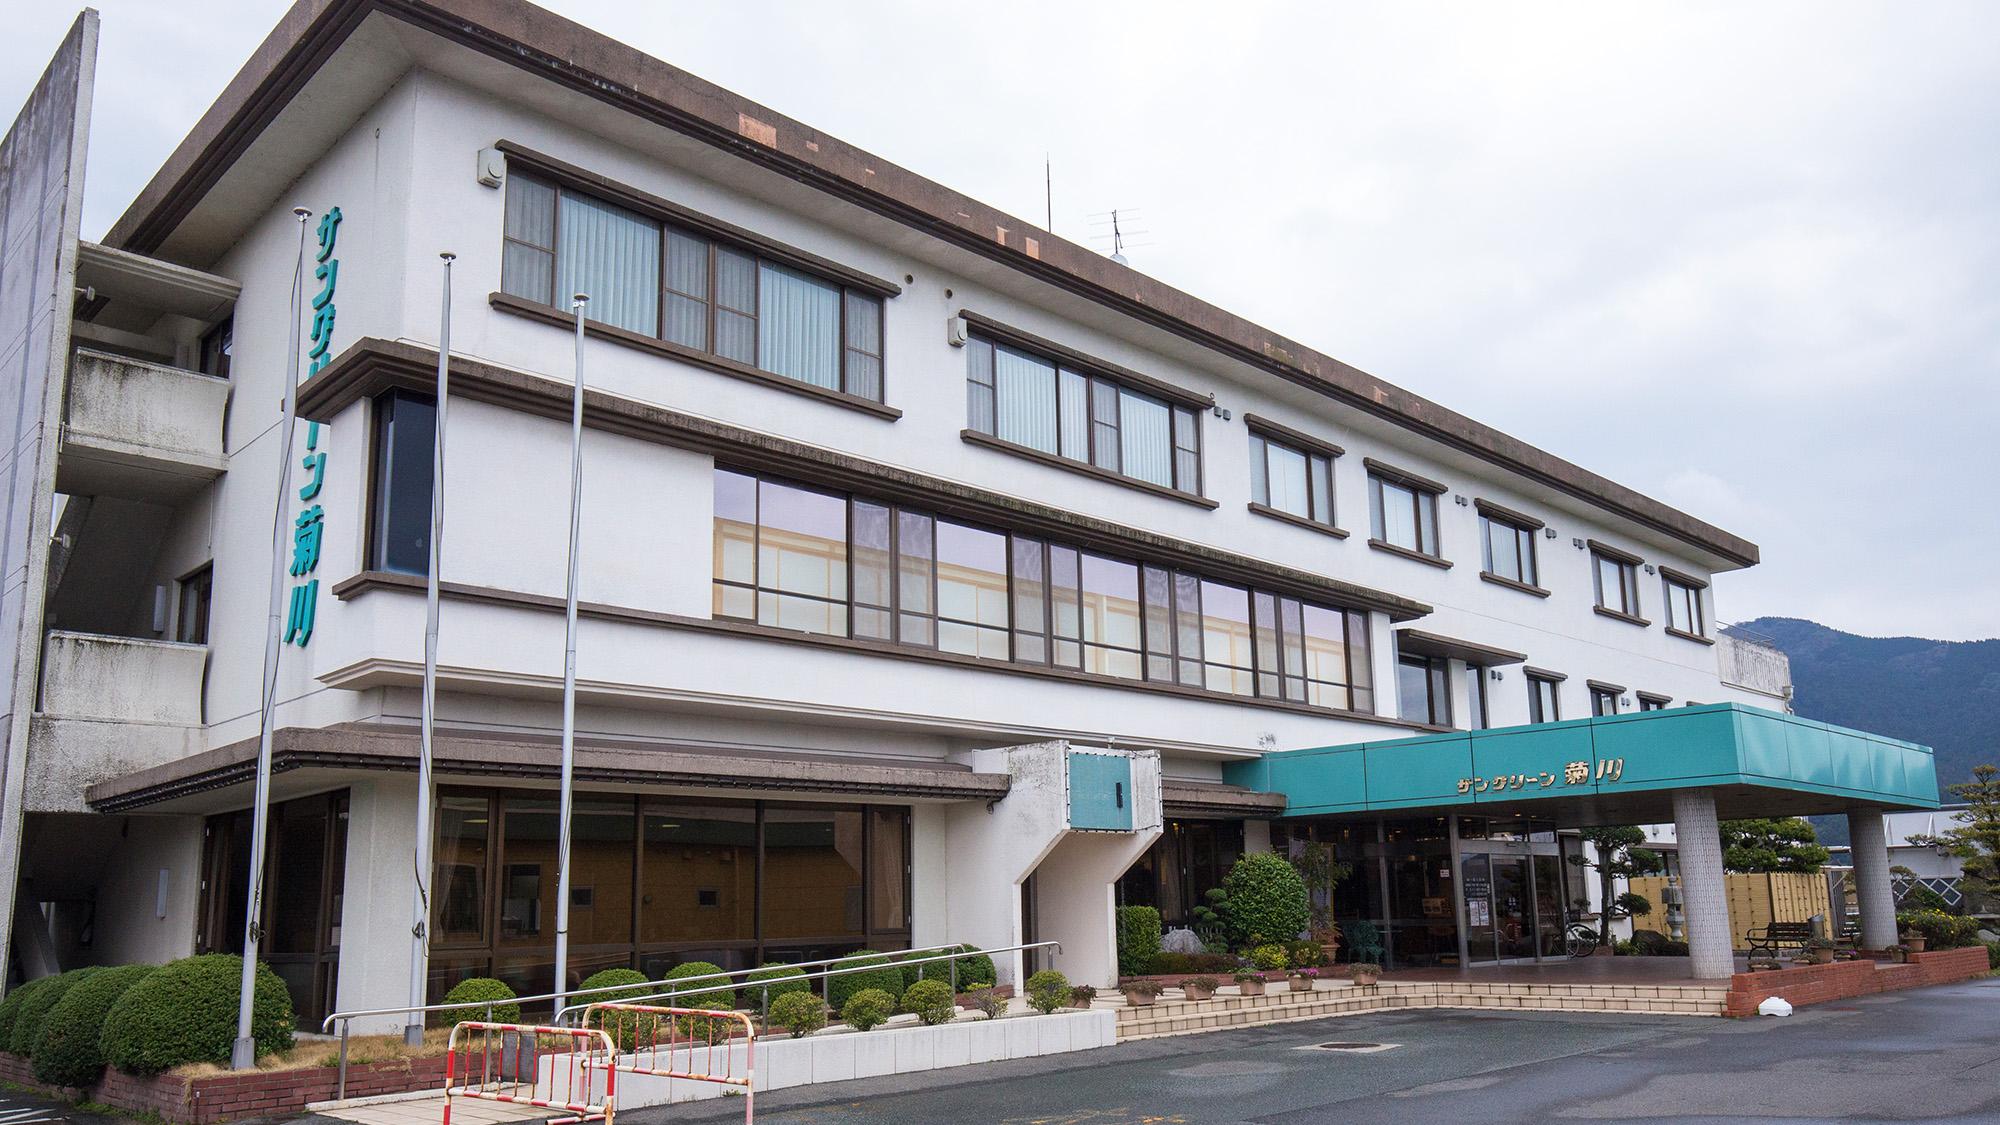 下関市営宿舎サングリーン菊川